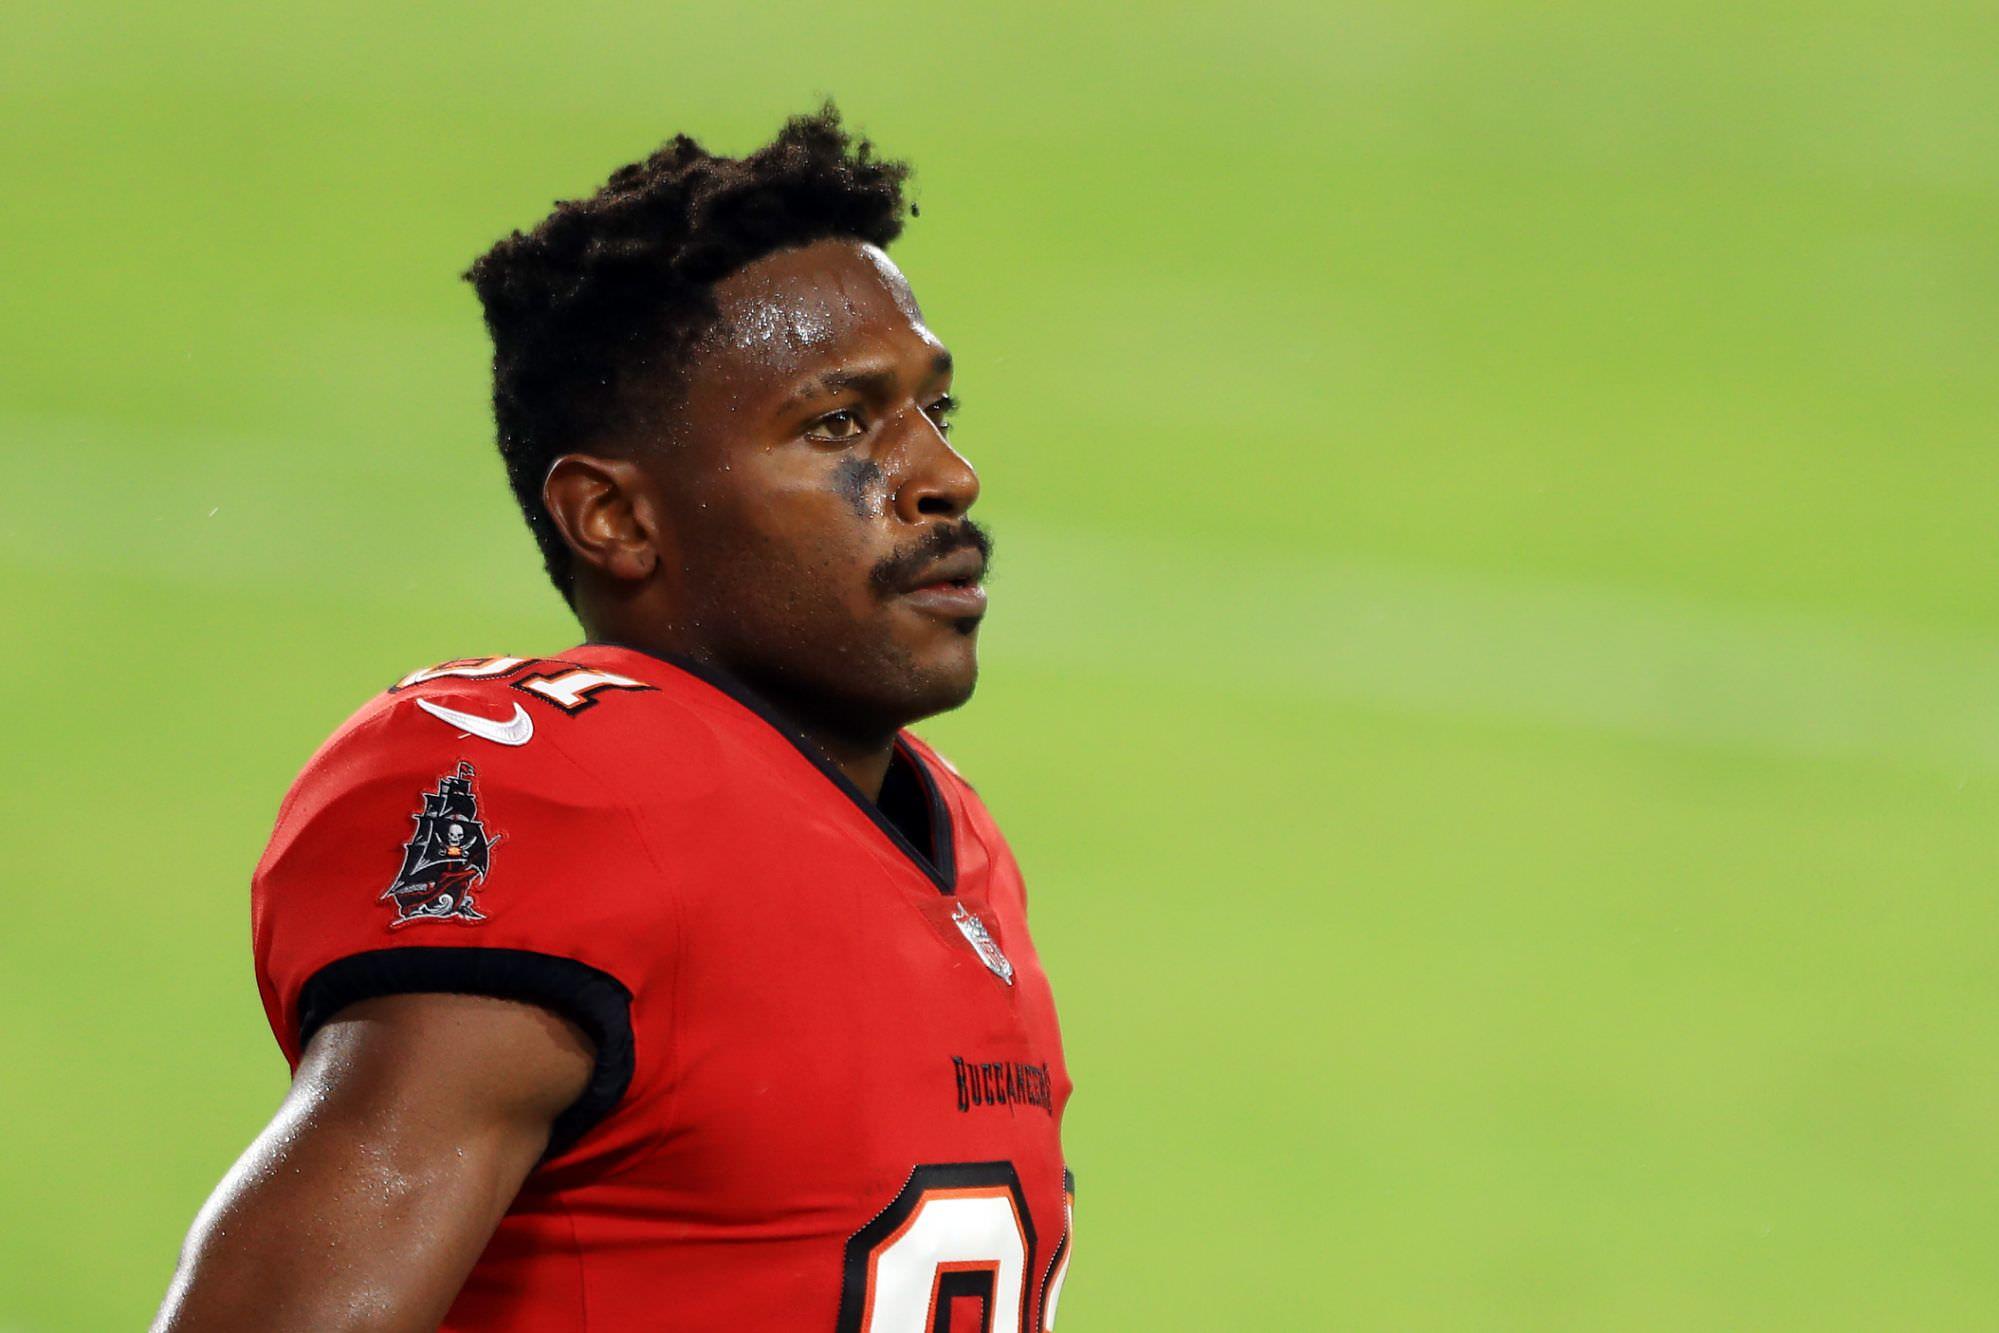 A última explosão de Antonio Brown foi notícia para a NFL.  Ele será suspenso novamente?